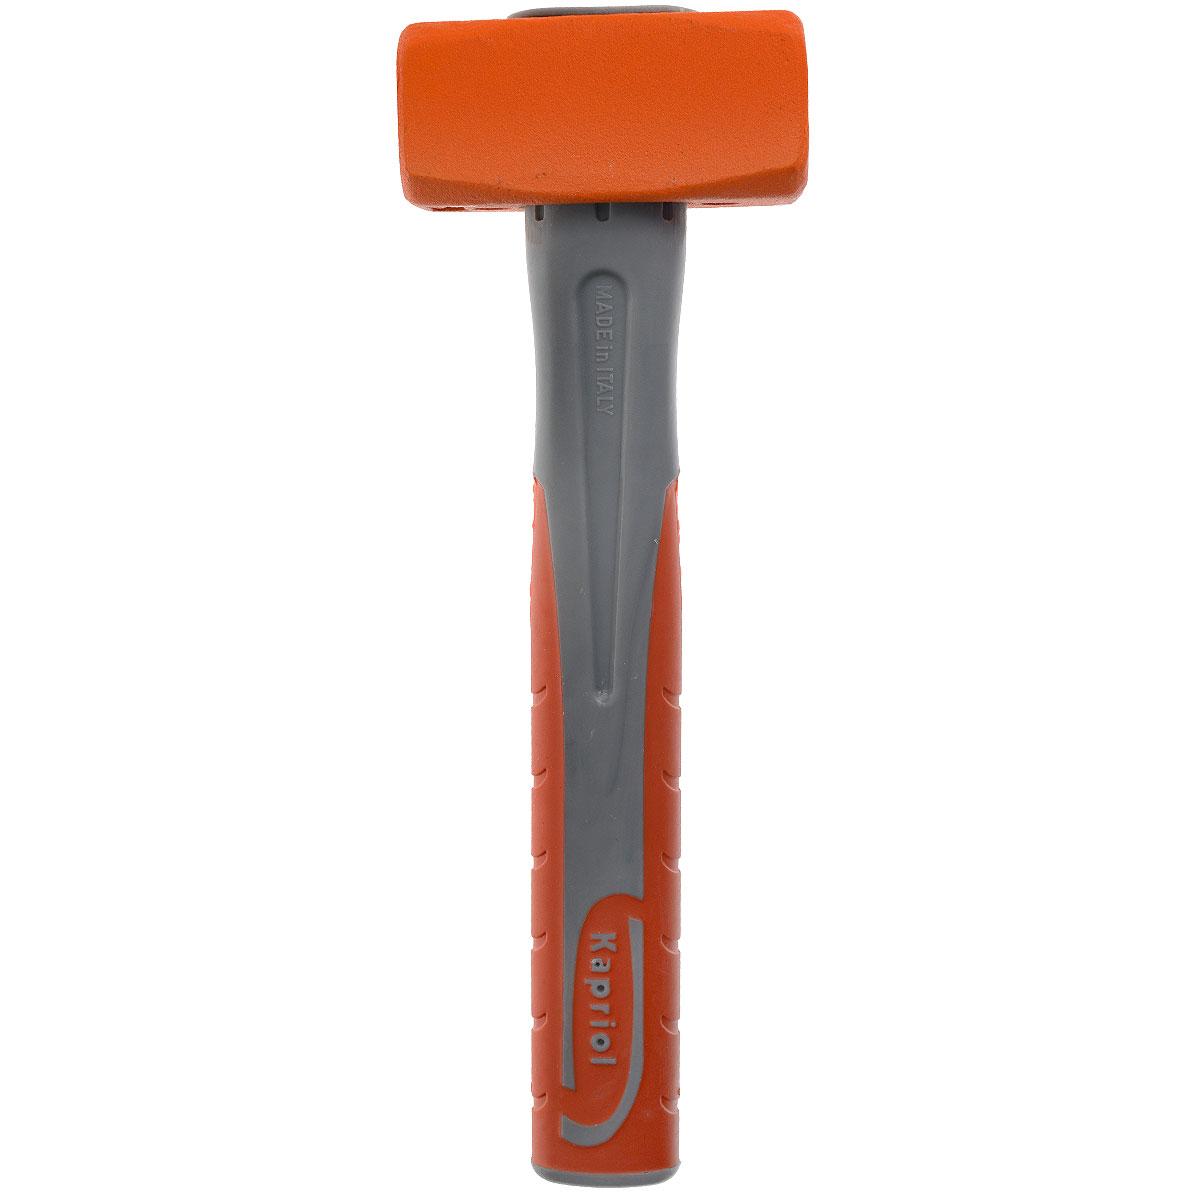 Кувалда Kapriol, длина 28 см, 1000 г10143Кувалда Kapriol предназначена для нанесения исключительно сильных ударов при обработке металла, на демонтаже и монтаже конструкций.Особенности кувалды:Водоотталкивающие покрытие для работы в любых погодных условиях; Материал головки кувалды - легированная сталь с присадками никеля, хрома и молибдена, что обеспечивает высокую прочность и вязкость; Термическая обработка головки повышает ударопрочность и увеличивает срок службы; Поверхностный слой головки закален, что обеспечивает высокую твердость молотка; Головка соединена с рукояткой с помощью эпоксидного клея; Корпус рукоятки изготовлен из стальной трубы; Эргономичный прорезиненный чехол рукоятки выполняет функцию вибропоглощения; Рукоятка имеет форму соответствующую очертаниям руки, что повышает точность удара и снижает усталость при работе. Характеристики: Материал: сталь, резина. Длина: 28 см. Вес: 1 кг. Размеры кувалды: 28 см х 9 см х 4 см.